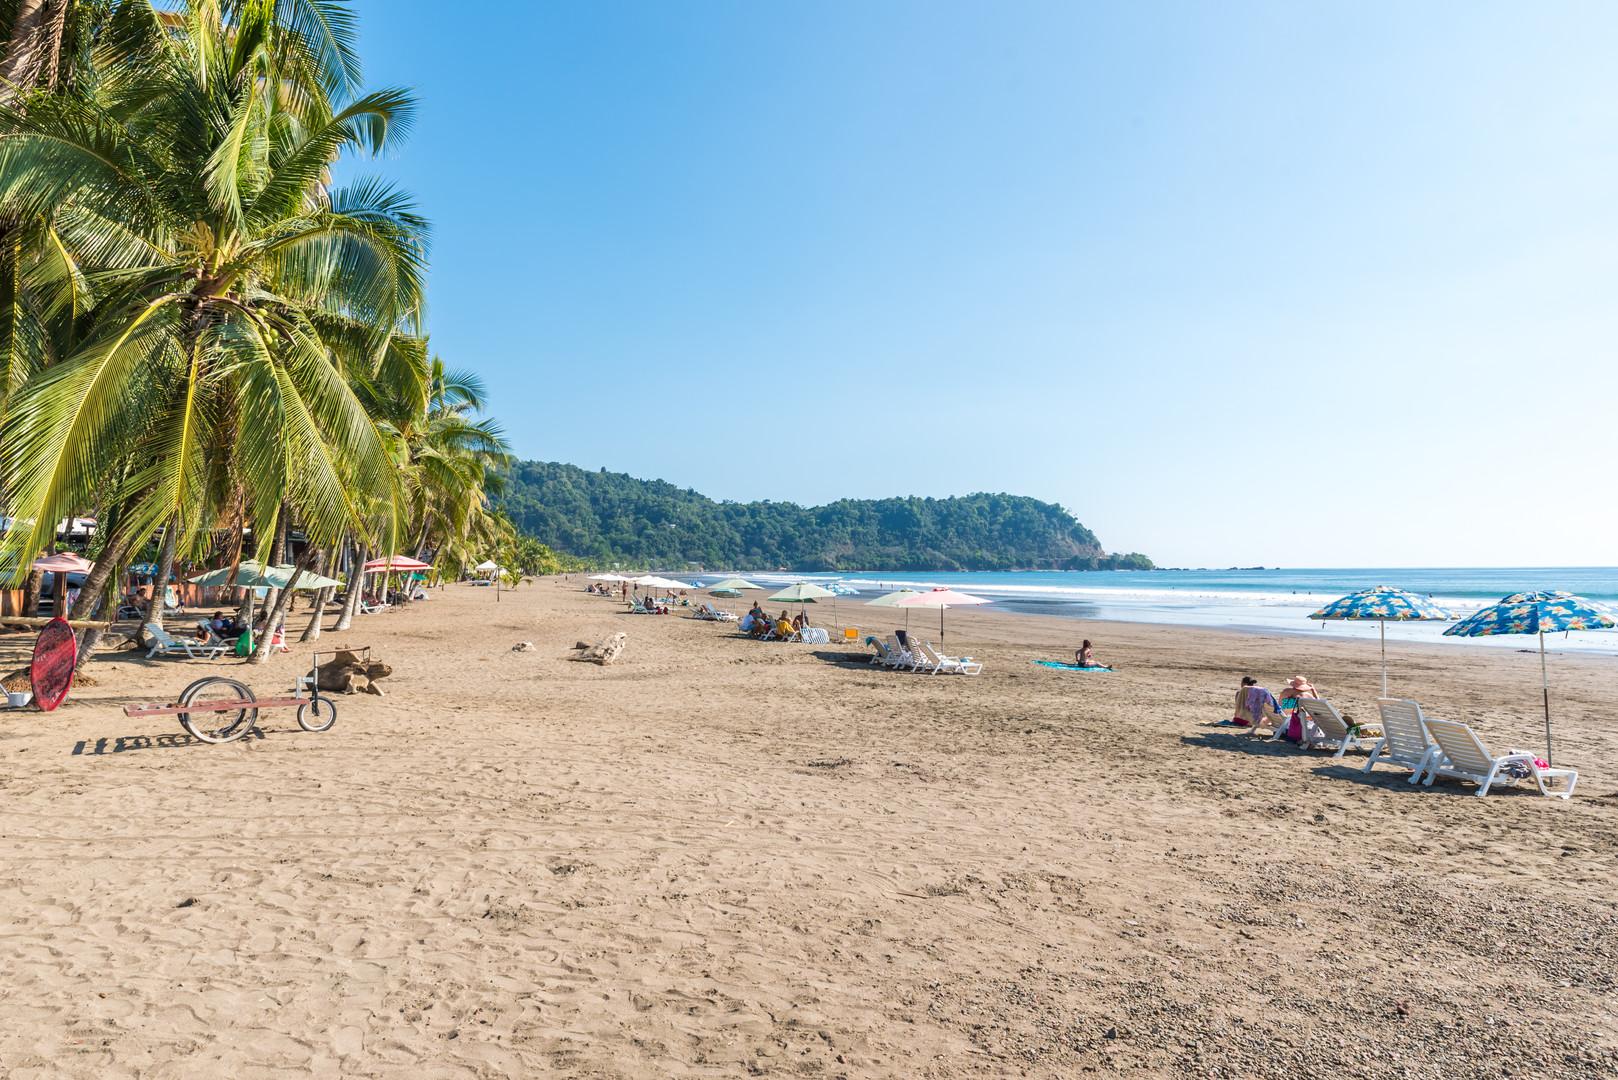 Nejkrásnější místa Kostariky s pobytem u moře #5